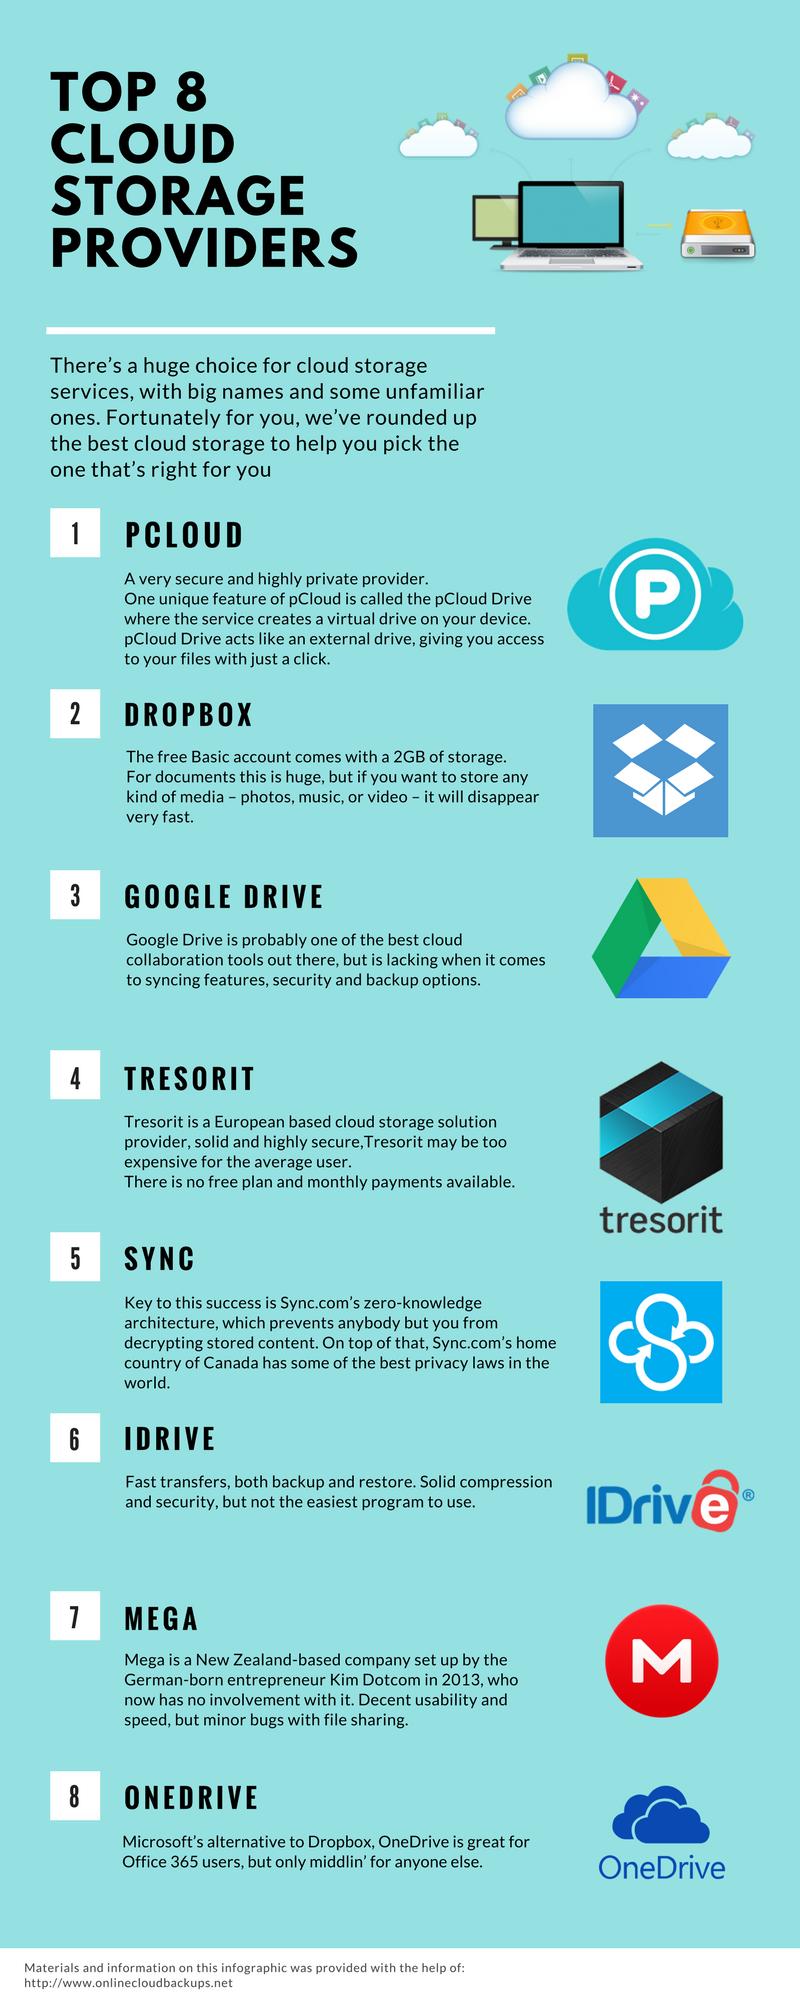 Best Cloud storage providers 2019 - Best Cloud Storage Providers